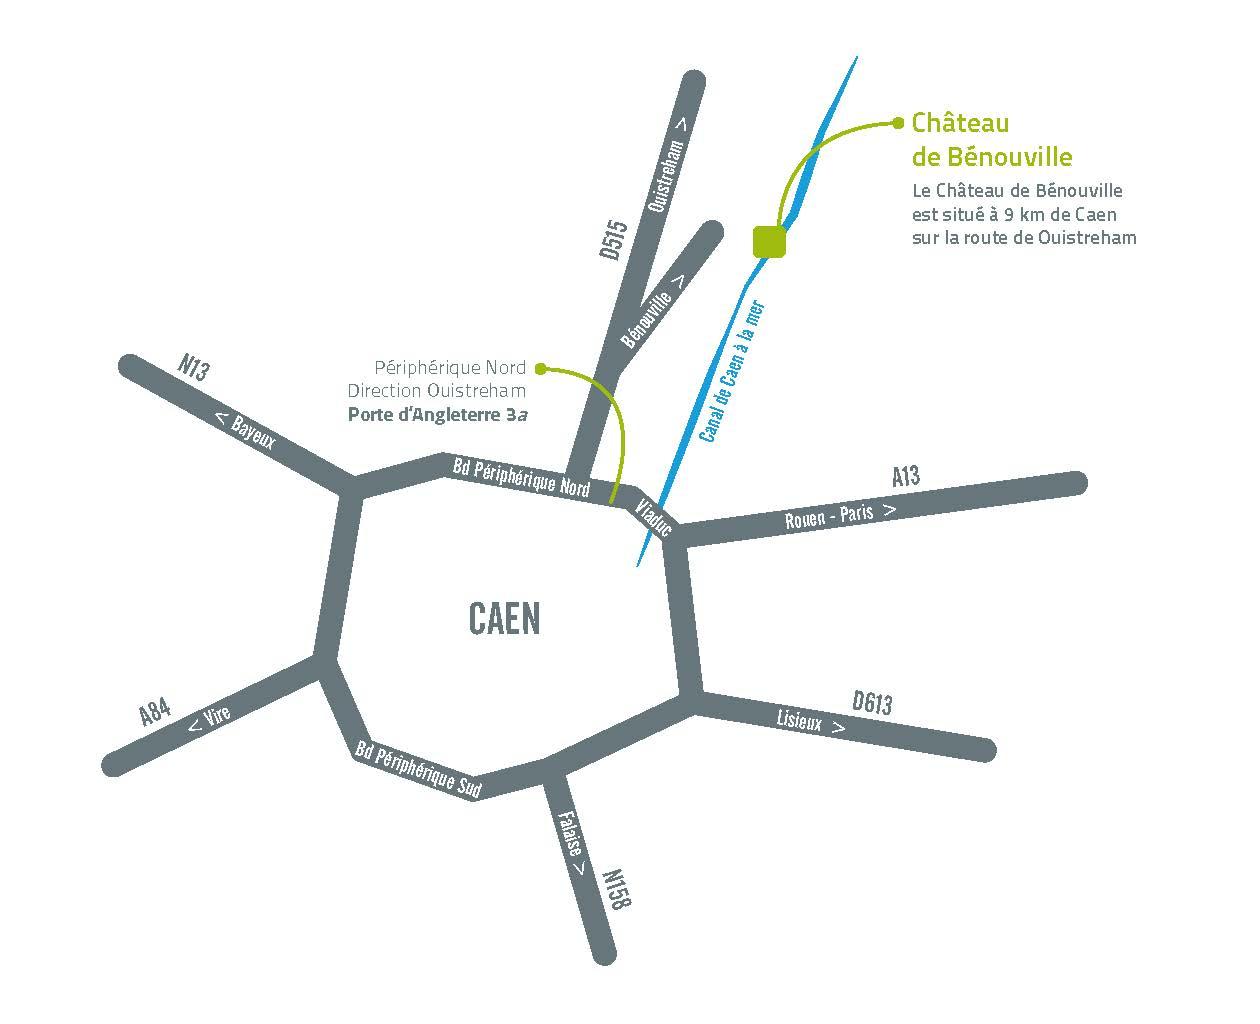 PLan_d_acces_Chateau_de_benouville_1.jpg